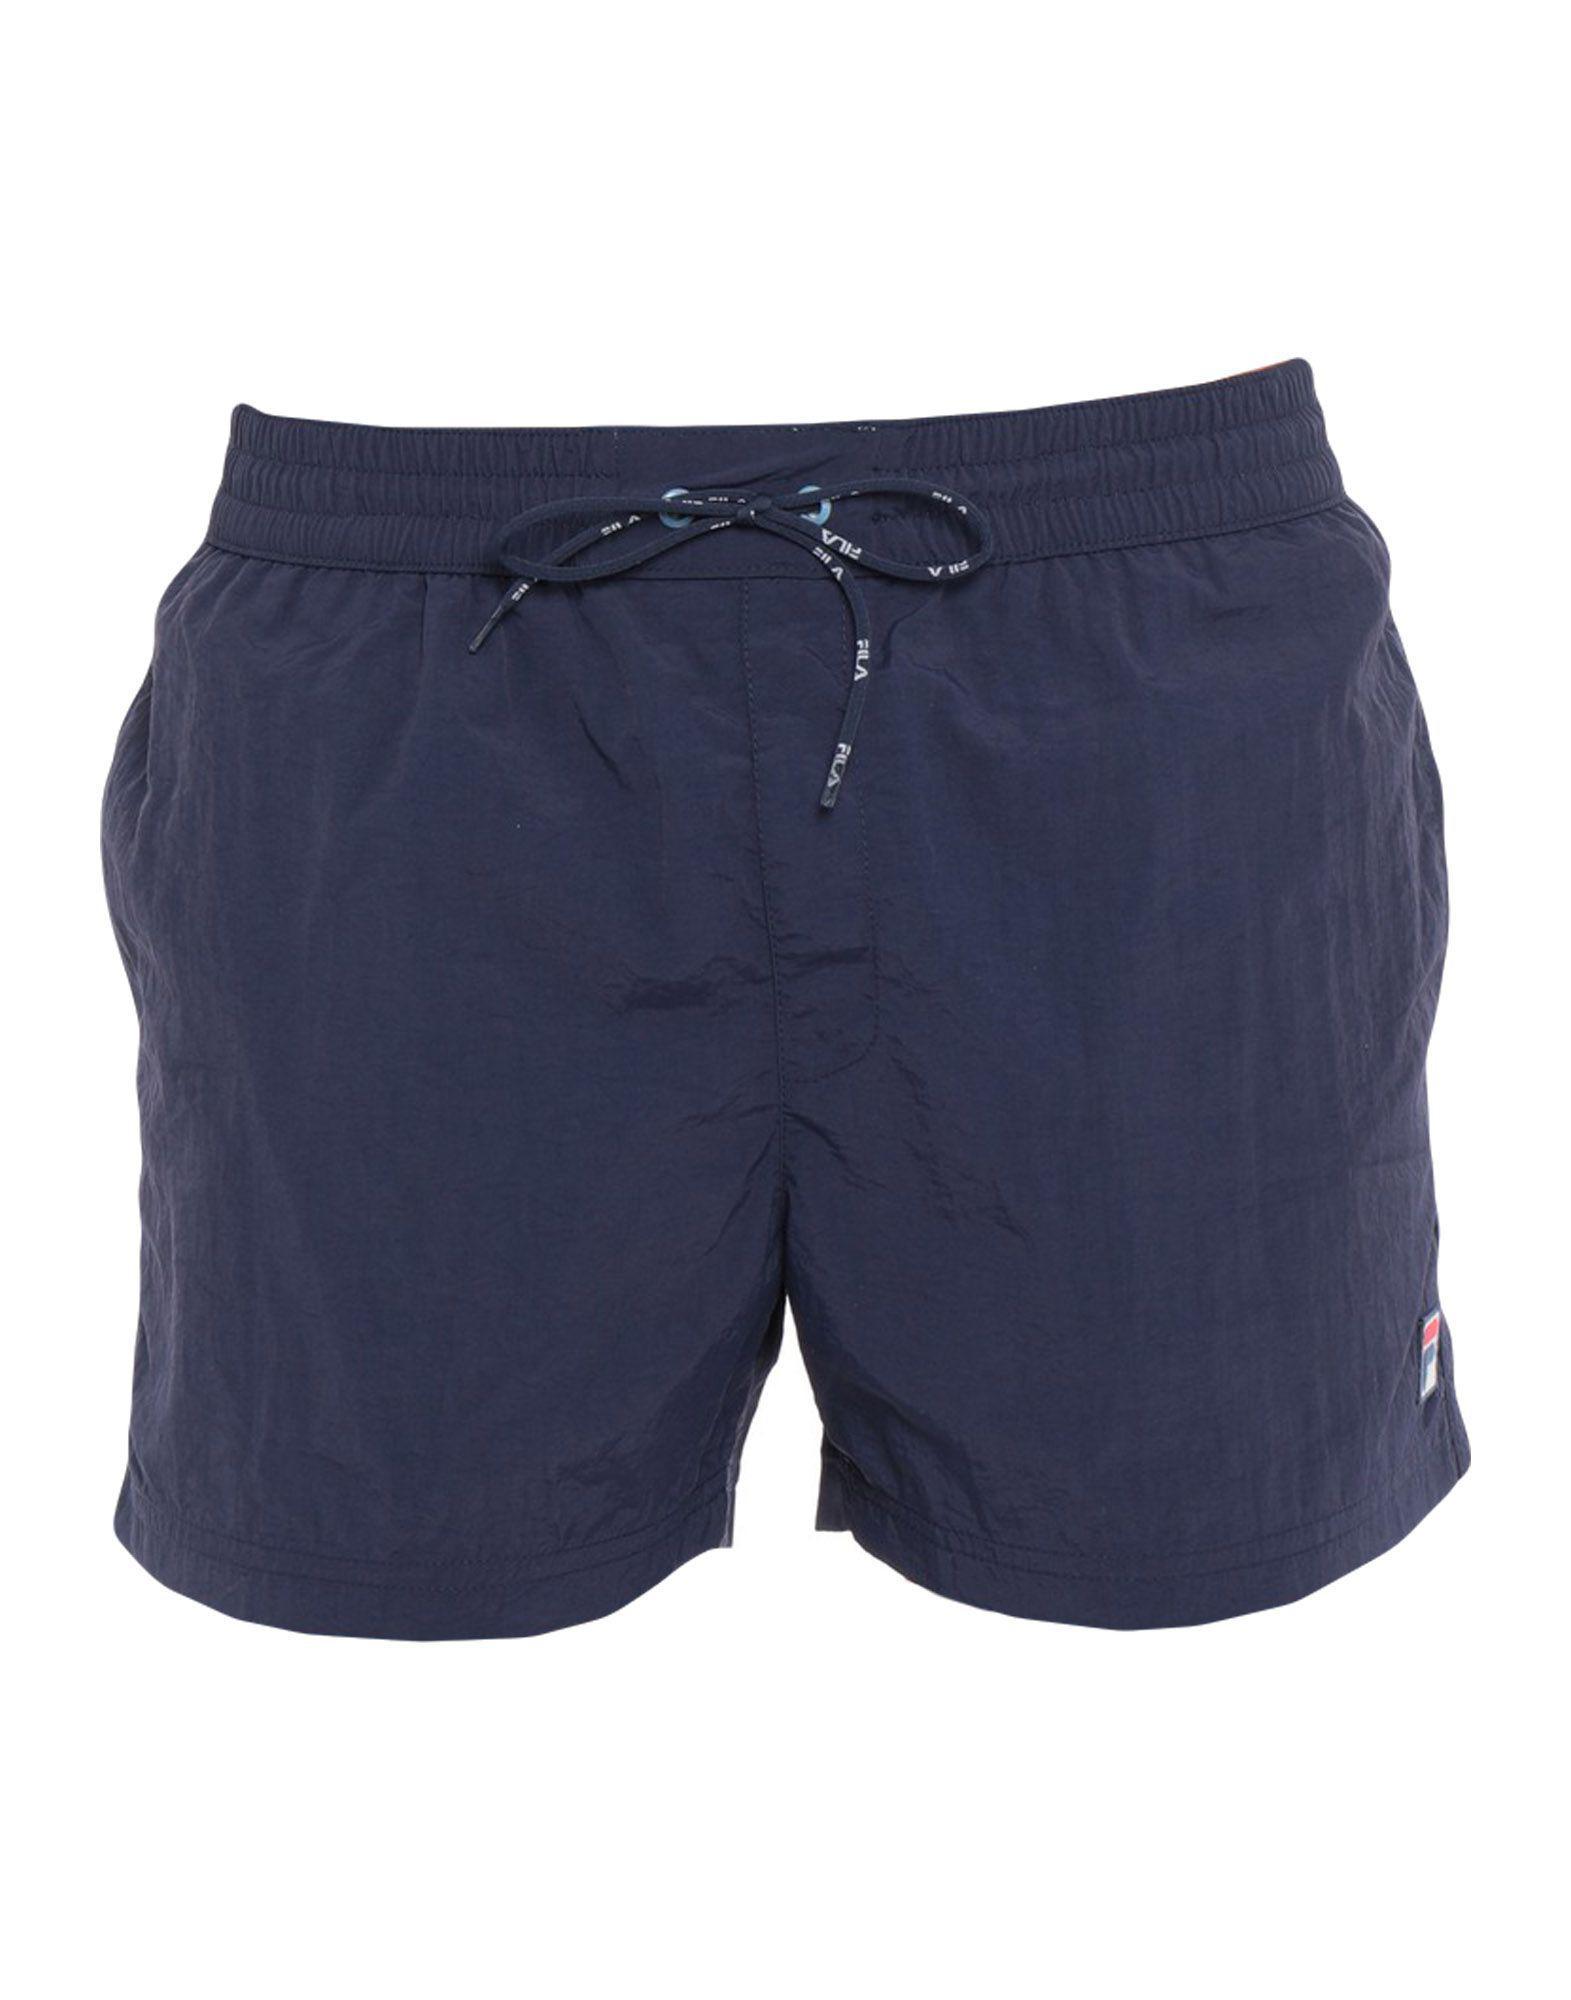 dd3875758ed20 Fila - Blue Swim Trunks for Men - Lyst. View fullscreen